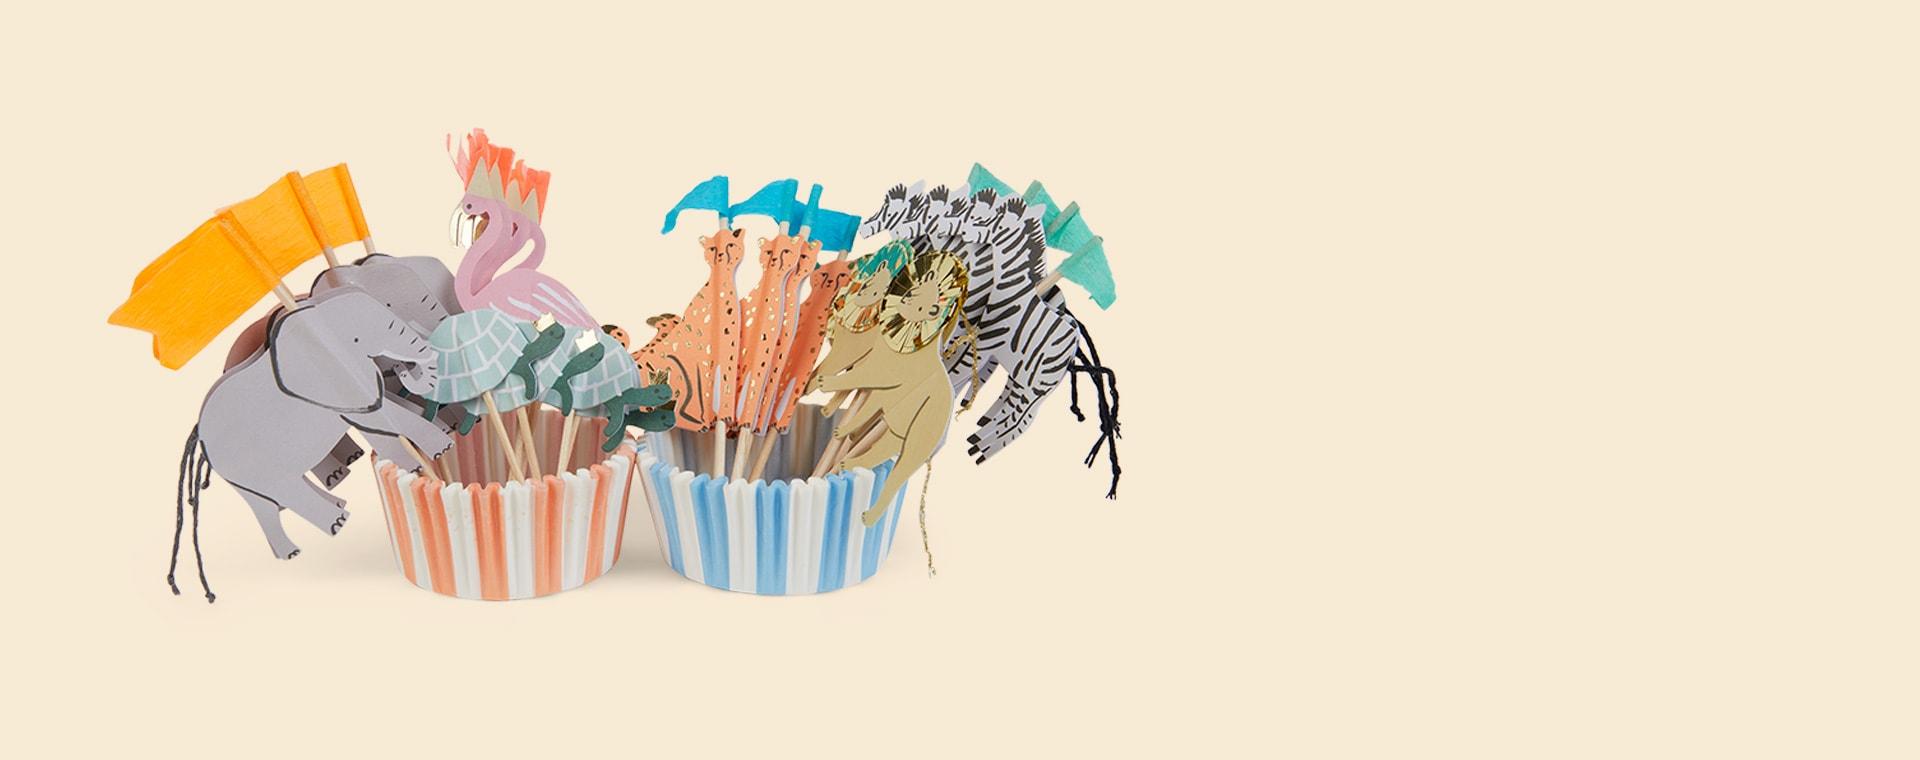 Safari Animal Meri Meri Cupcake Kit